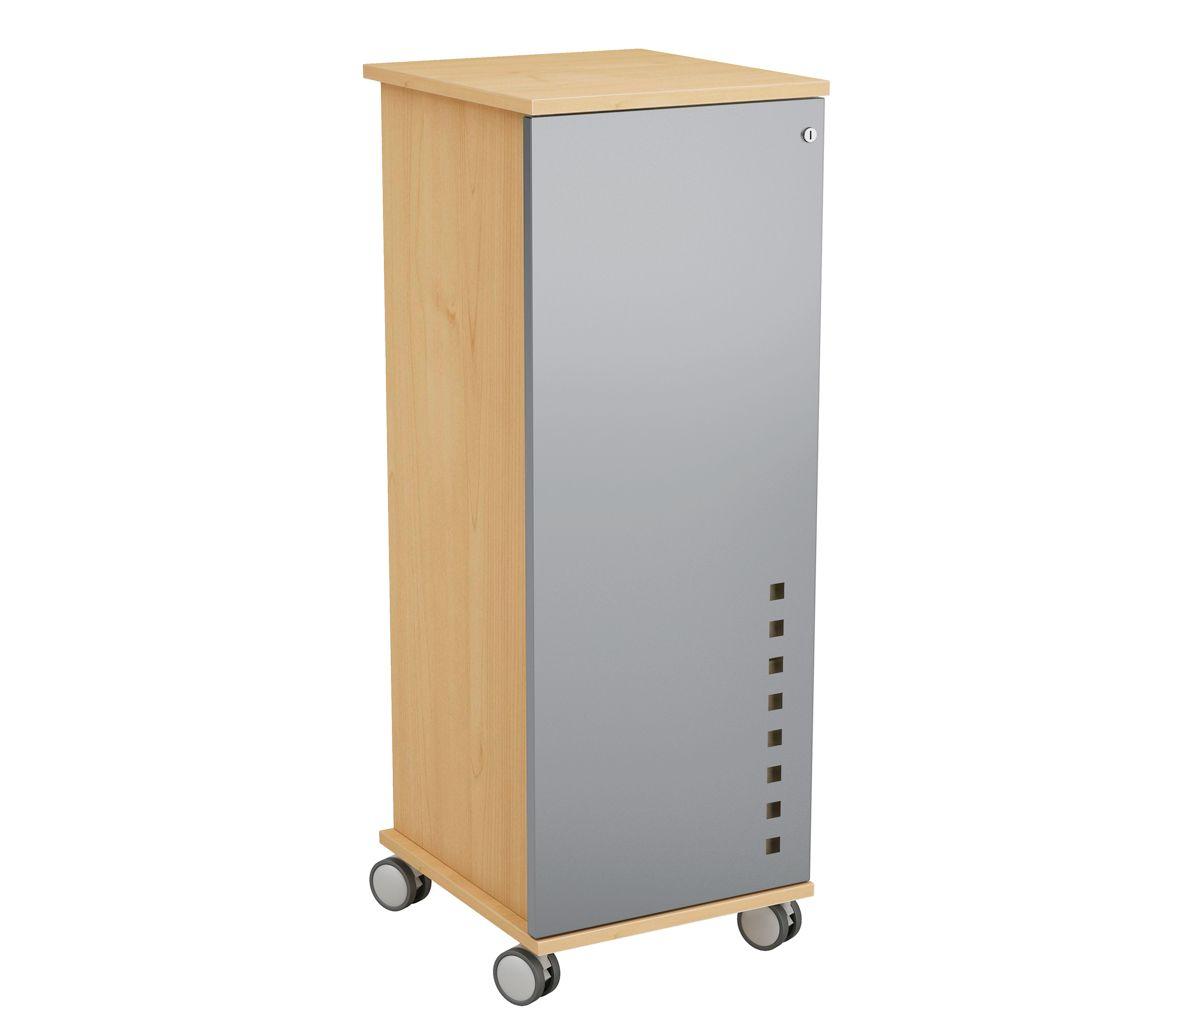 pr sentations universalwagen office media caddy basis g nstig kaufen sch fer shop. Black Bedroom Furniture Sets. Home Design Ideas